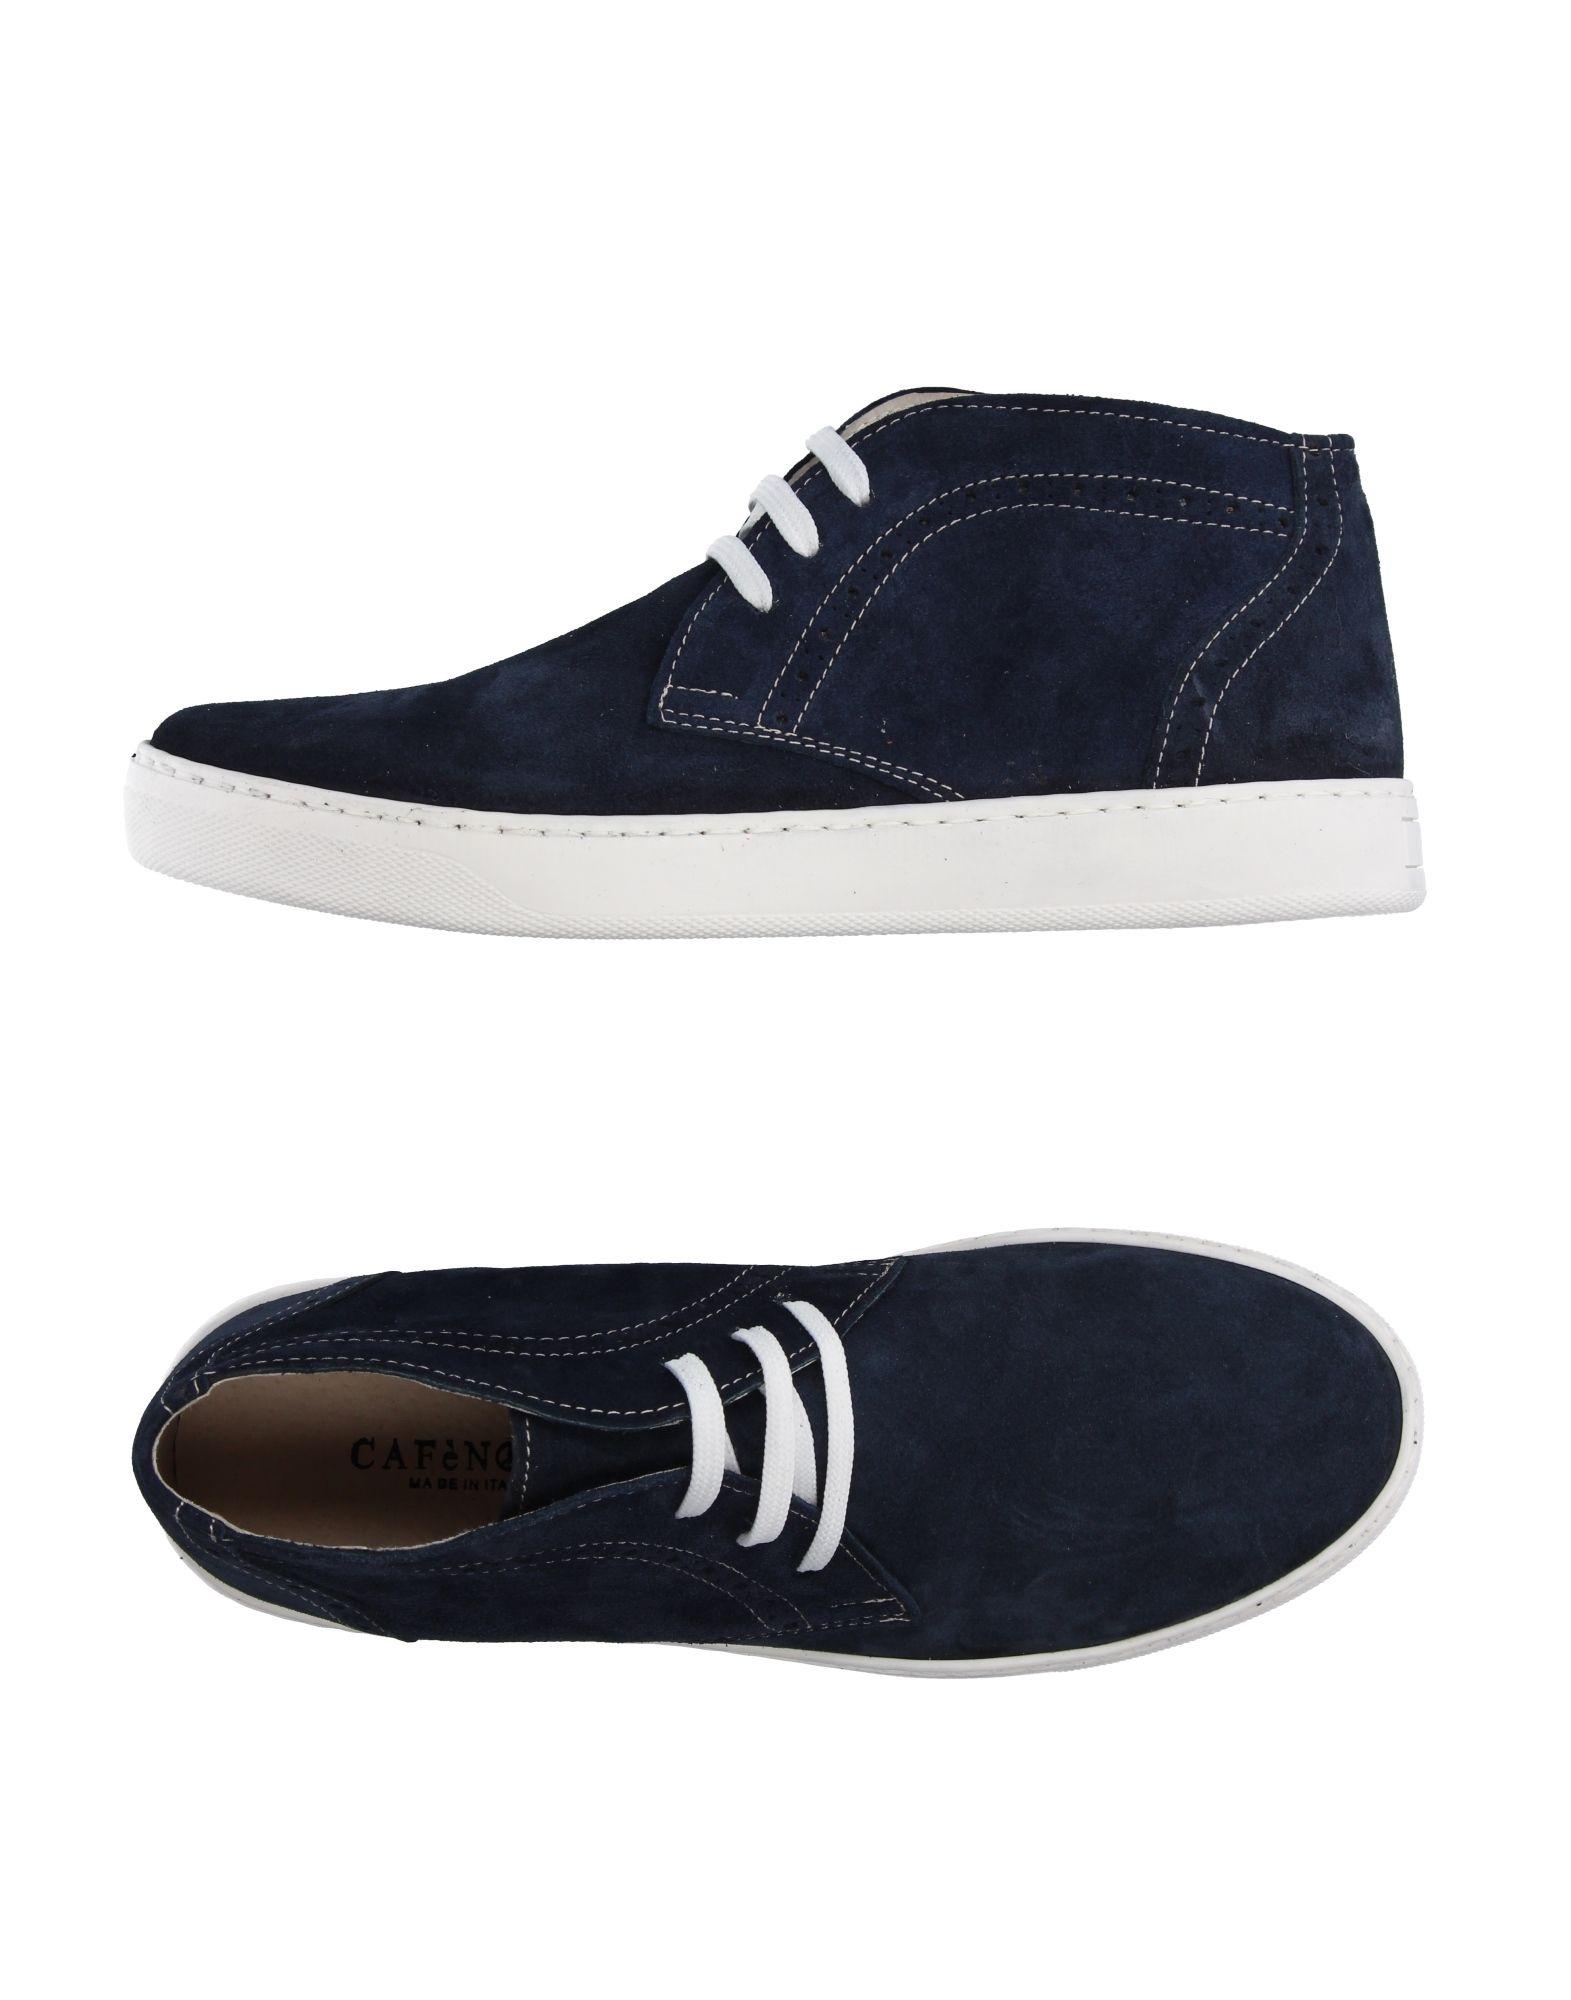 Moda Sneakers Cafènoir Uomo Uomo Cafènoir - 11208177BN bd6065